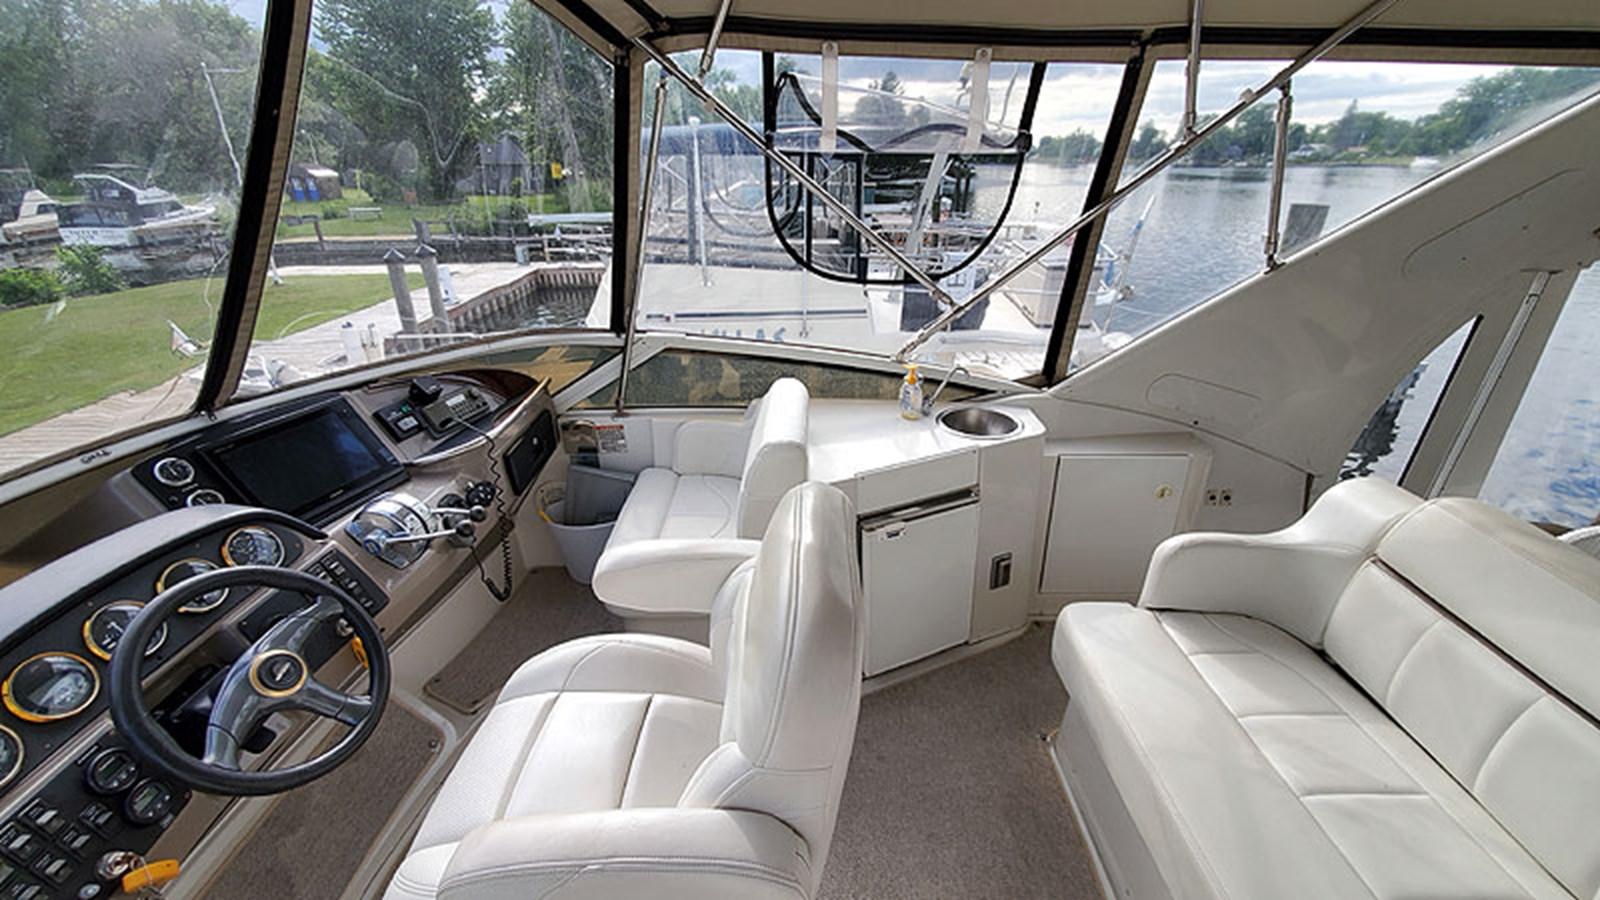 18FlybridgeStarboard 2001 CARVER 444 Cockpit Motor Yacht Motor Yacht 2967611